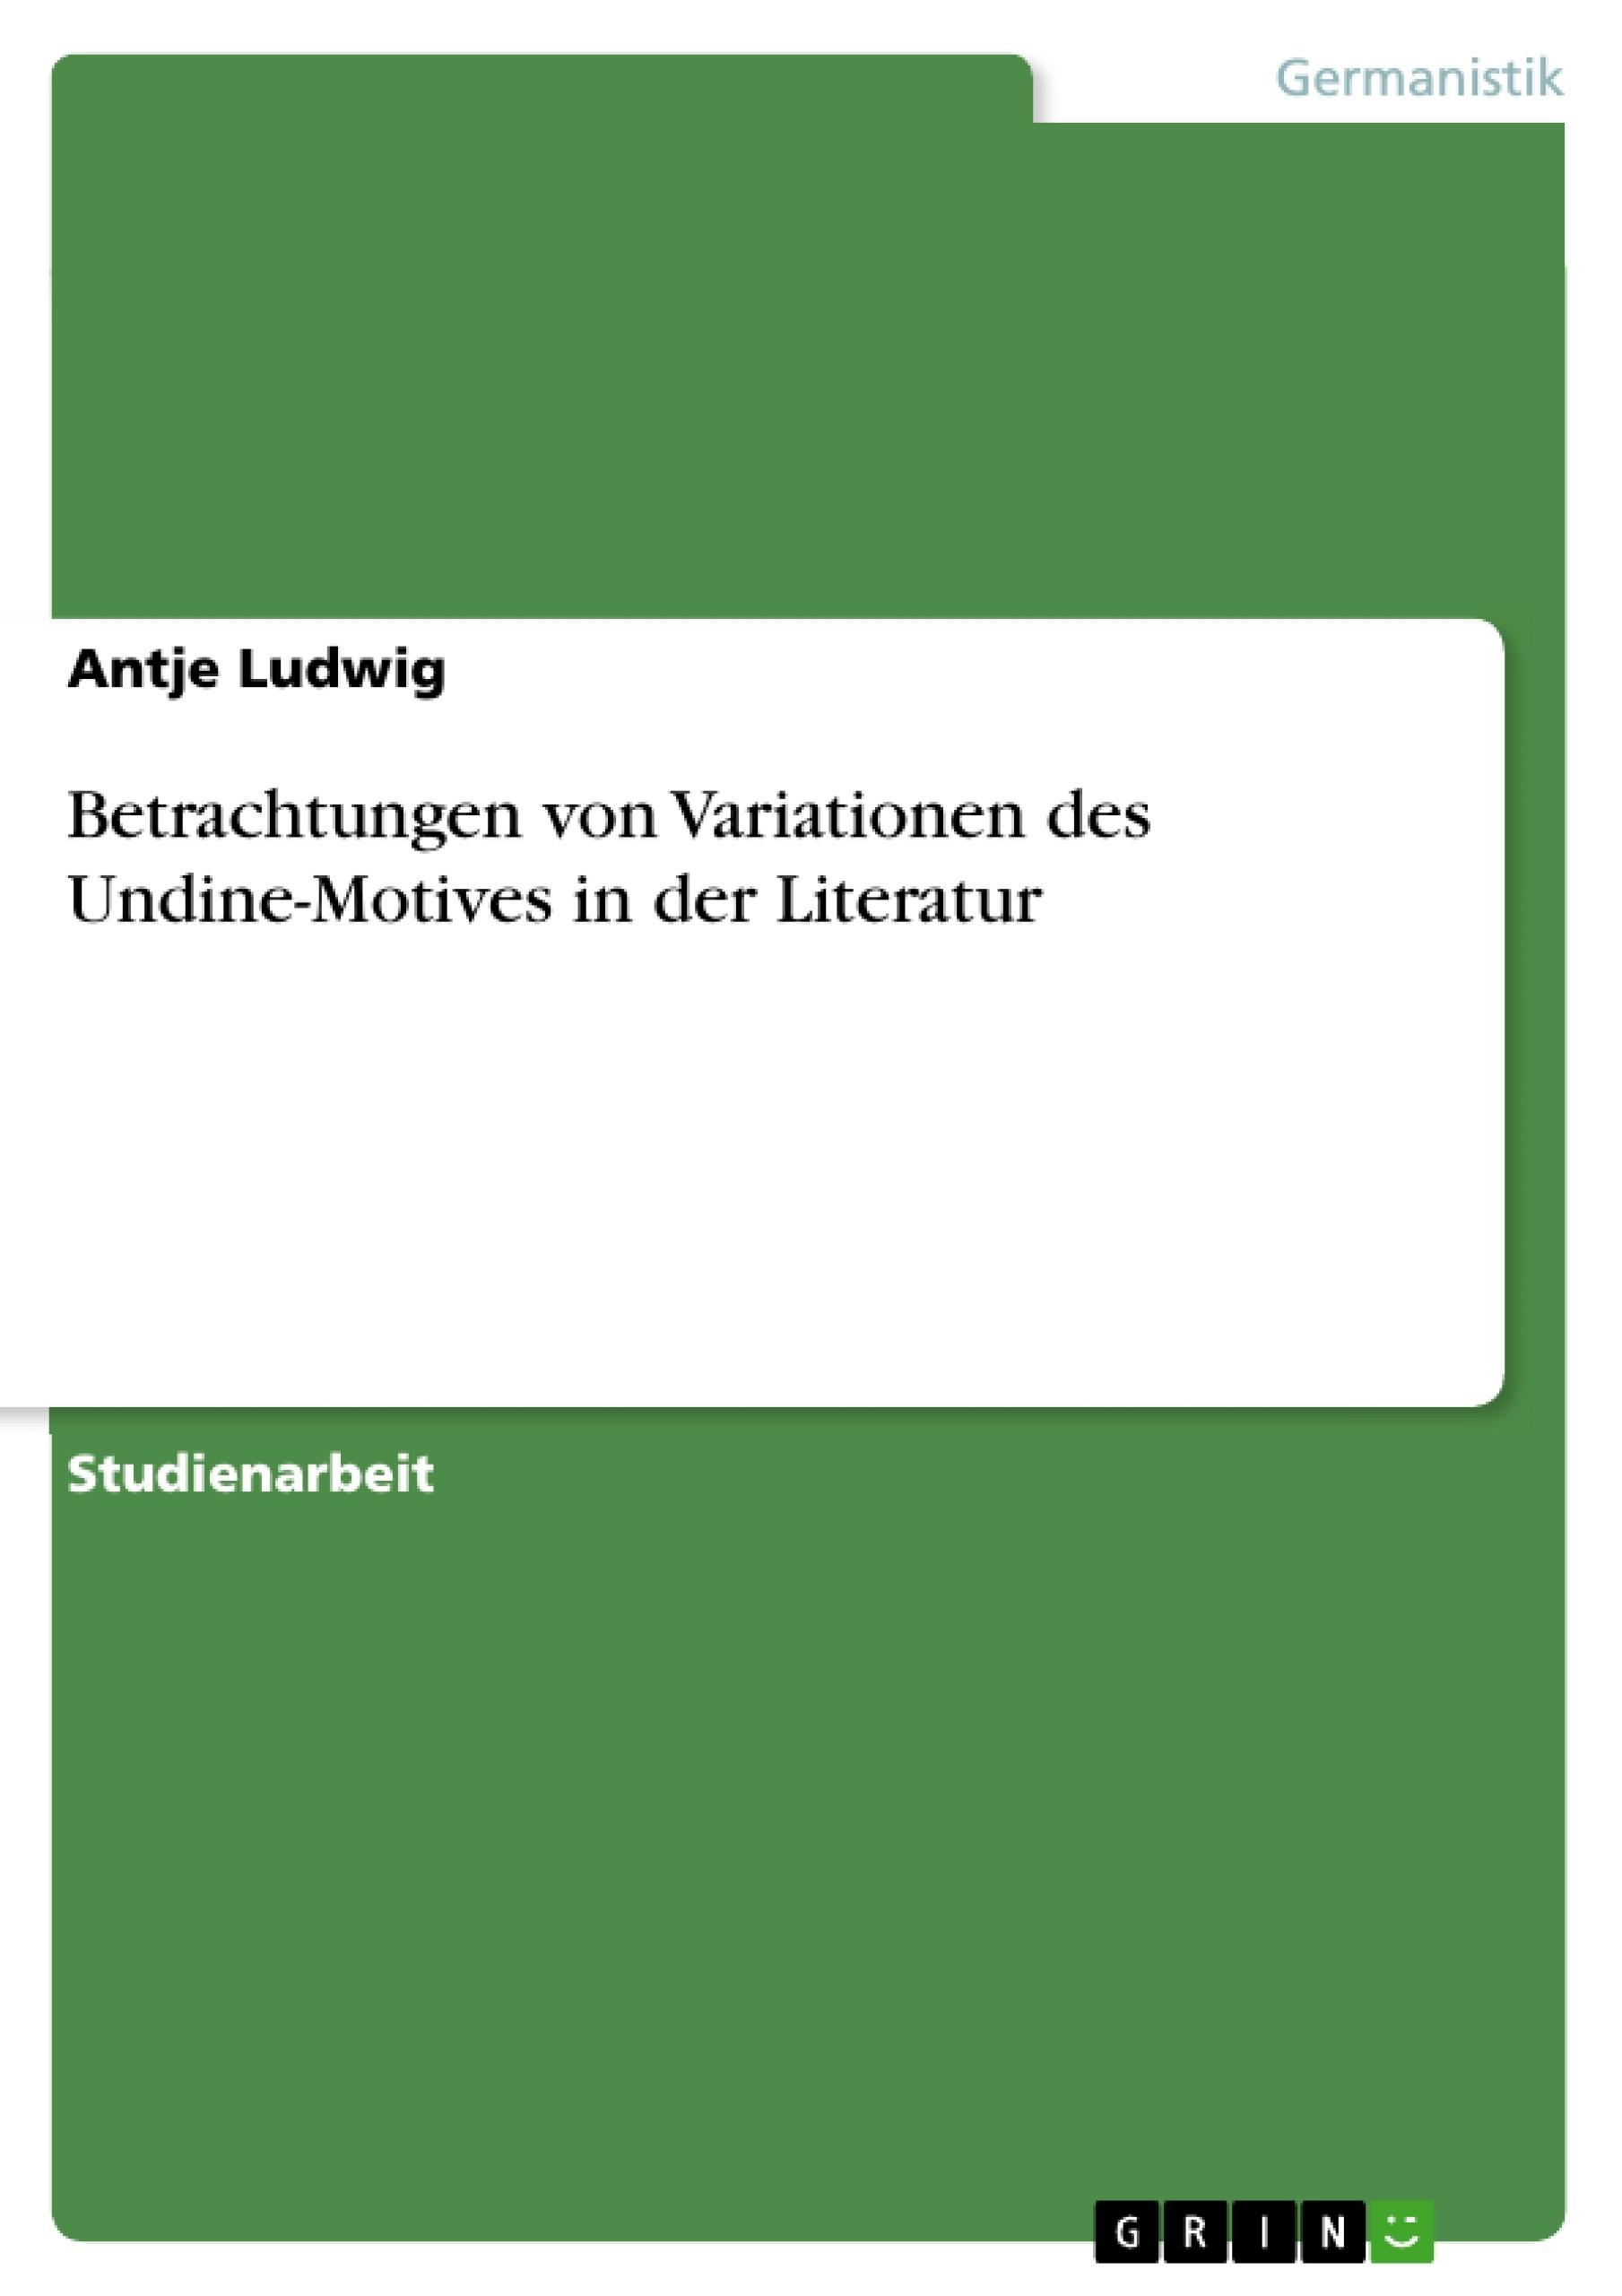 Titel: Betrachtungen von Variationen des Undine-Motives in der Literatur